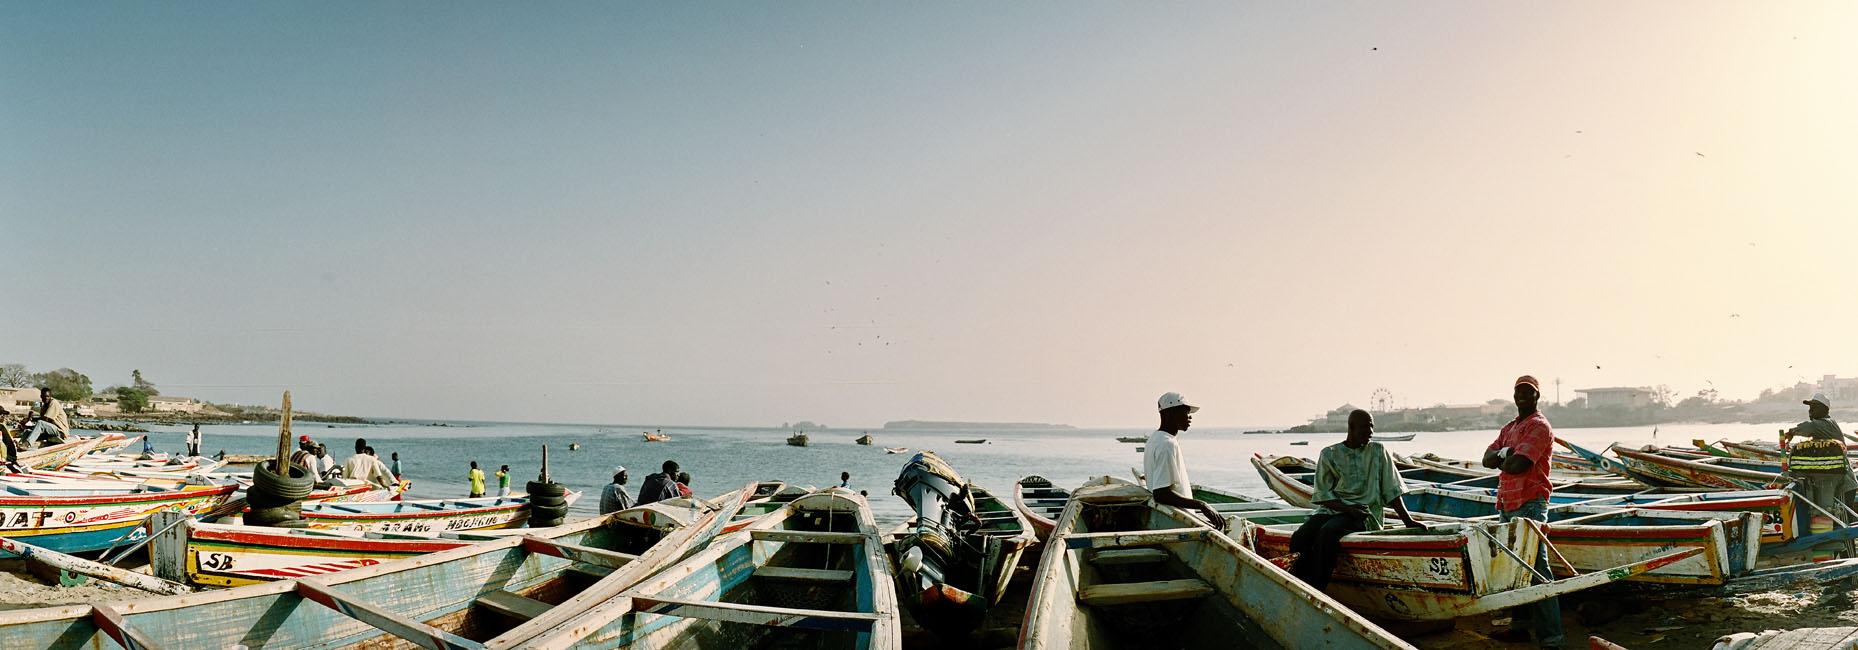 19_5277_Dakar_panorama_01